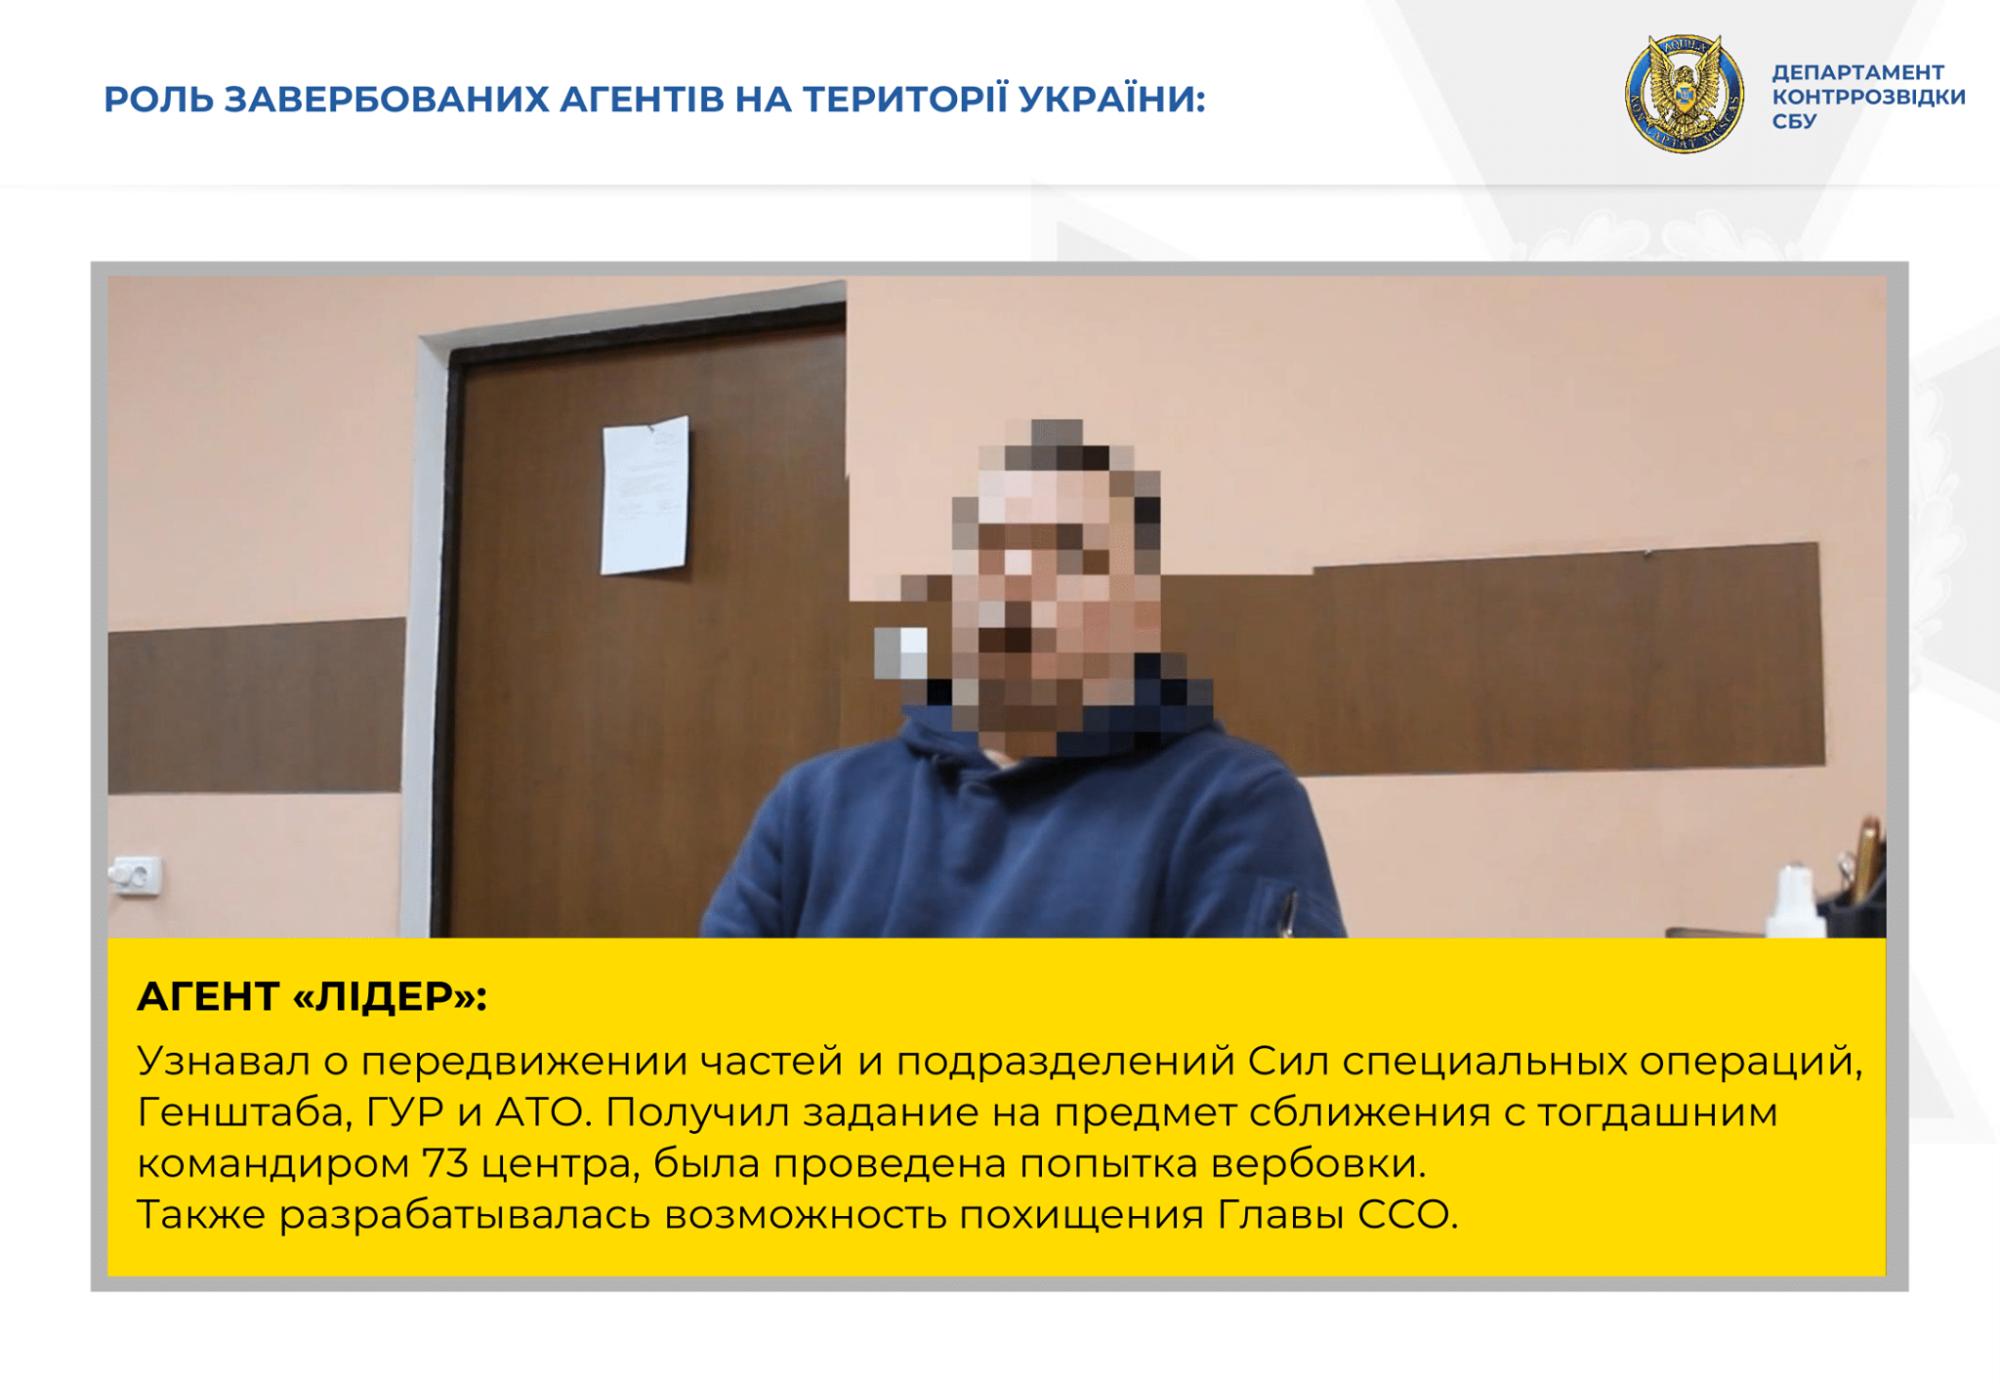 До агентурної мережі ФСБ входили  колишні українські військові: викриття СБУ - СБУ, Росія, Розслідування - 146979130 2932300900333229 5938059384210120503 o 2000x1384